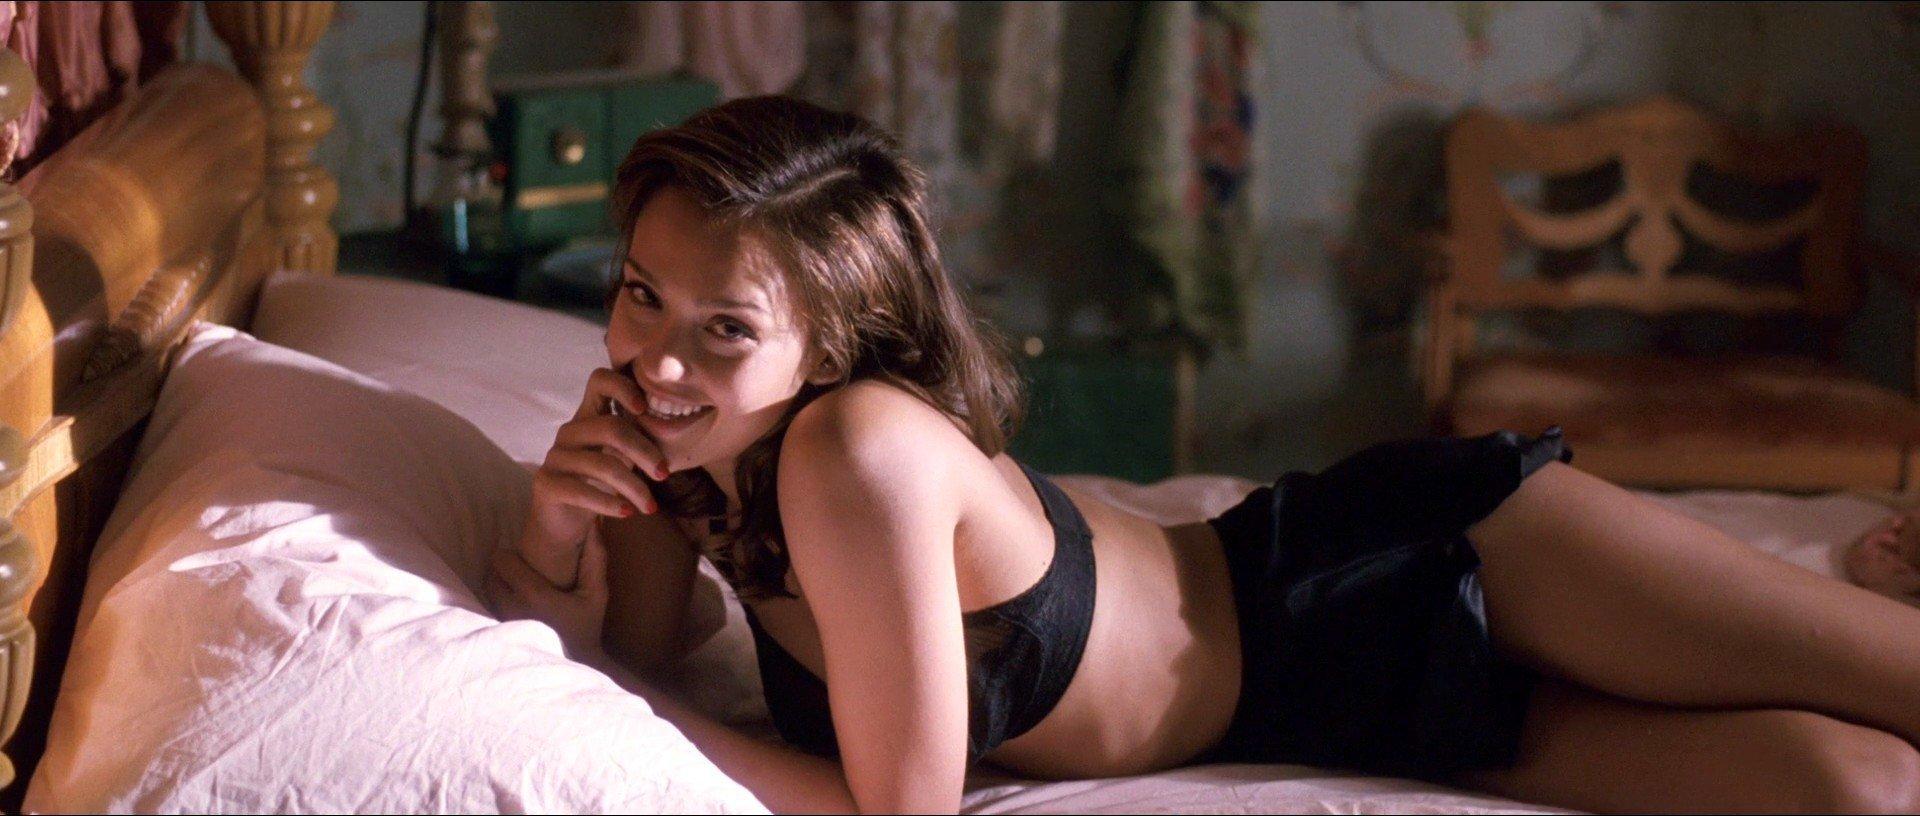 top-samih-seksualnih-filmov